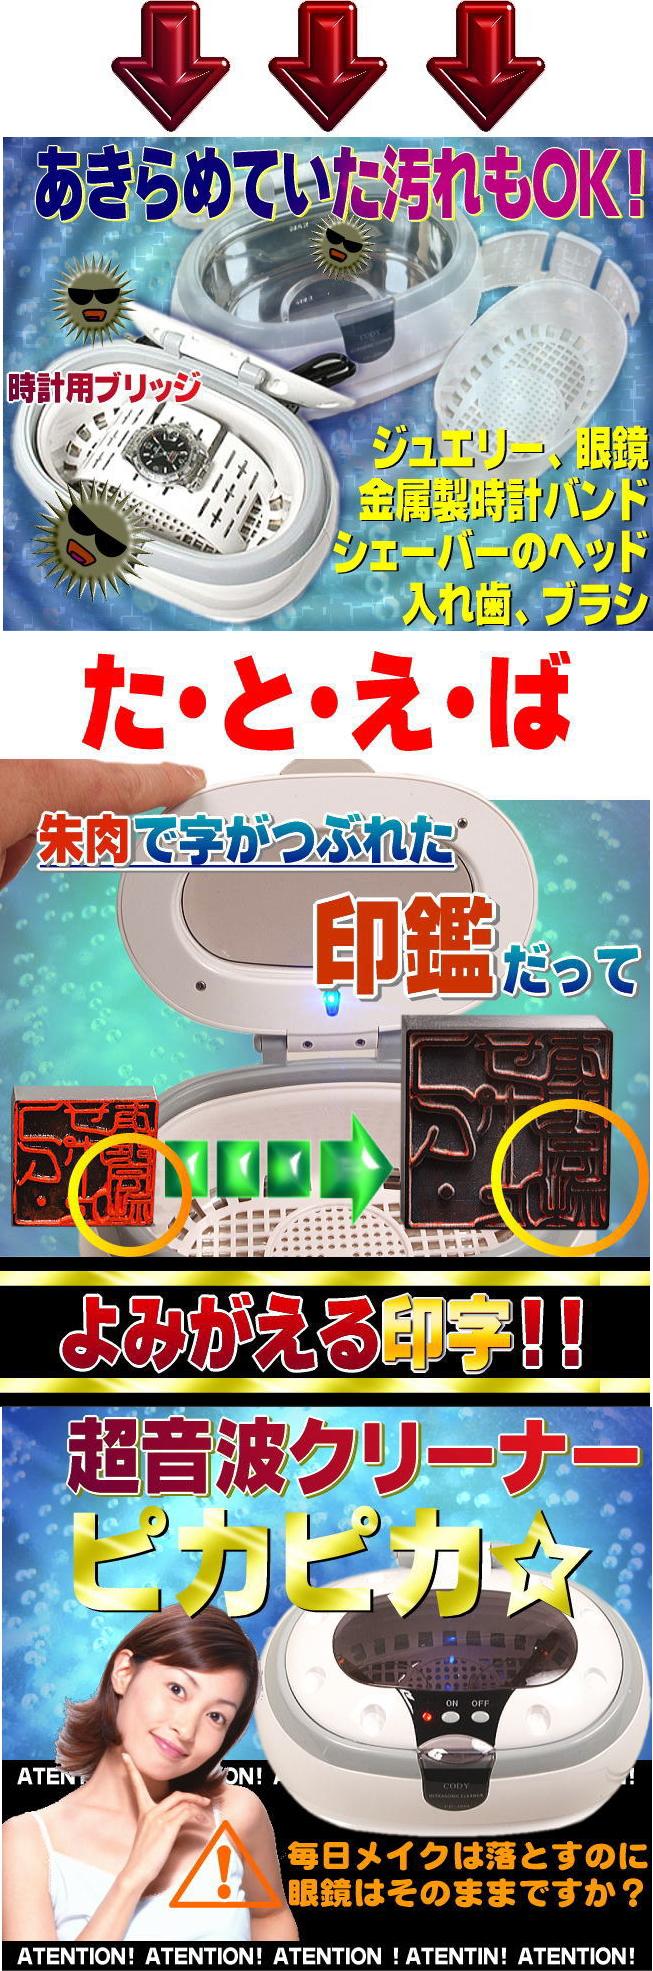 http://www.plata.co.jp/user/tori/cleaner3.jpg